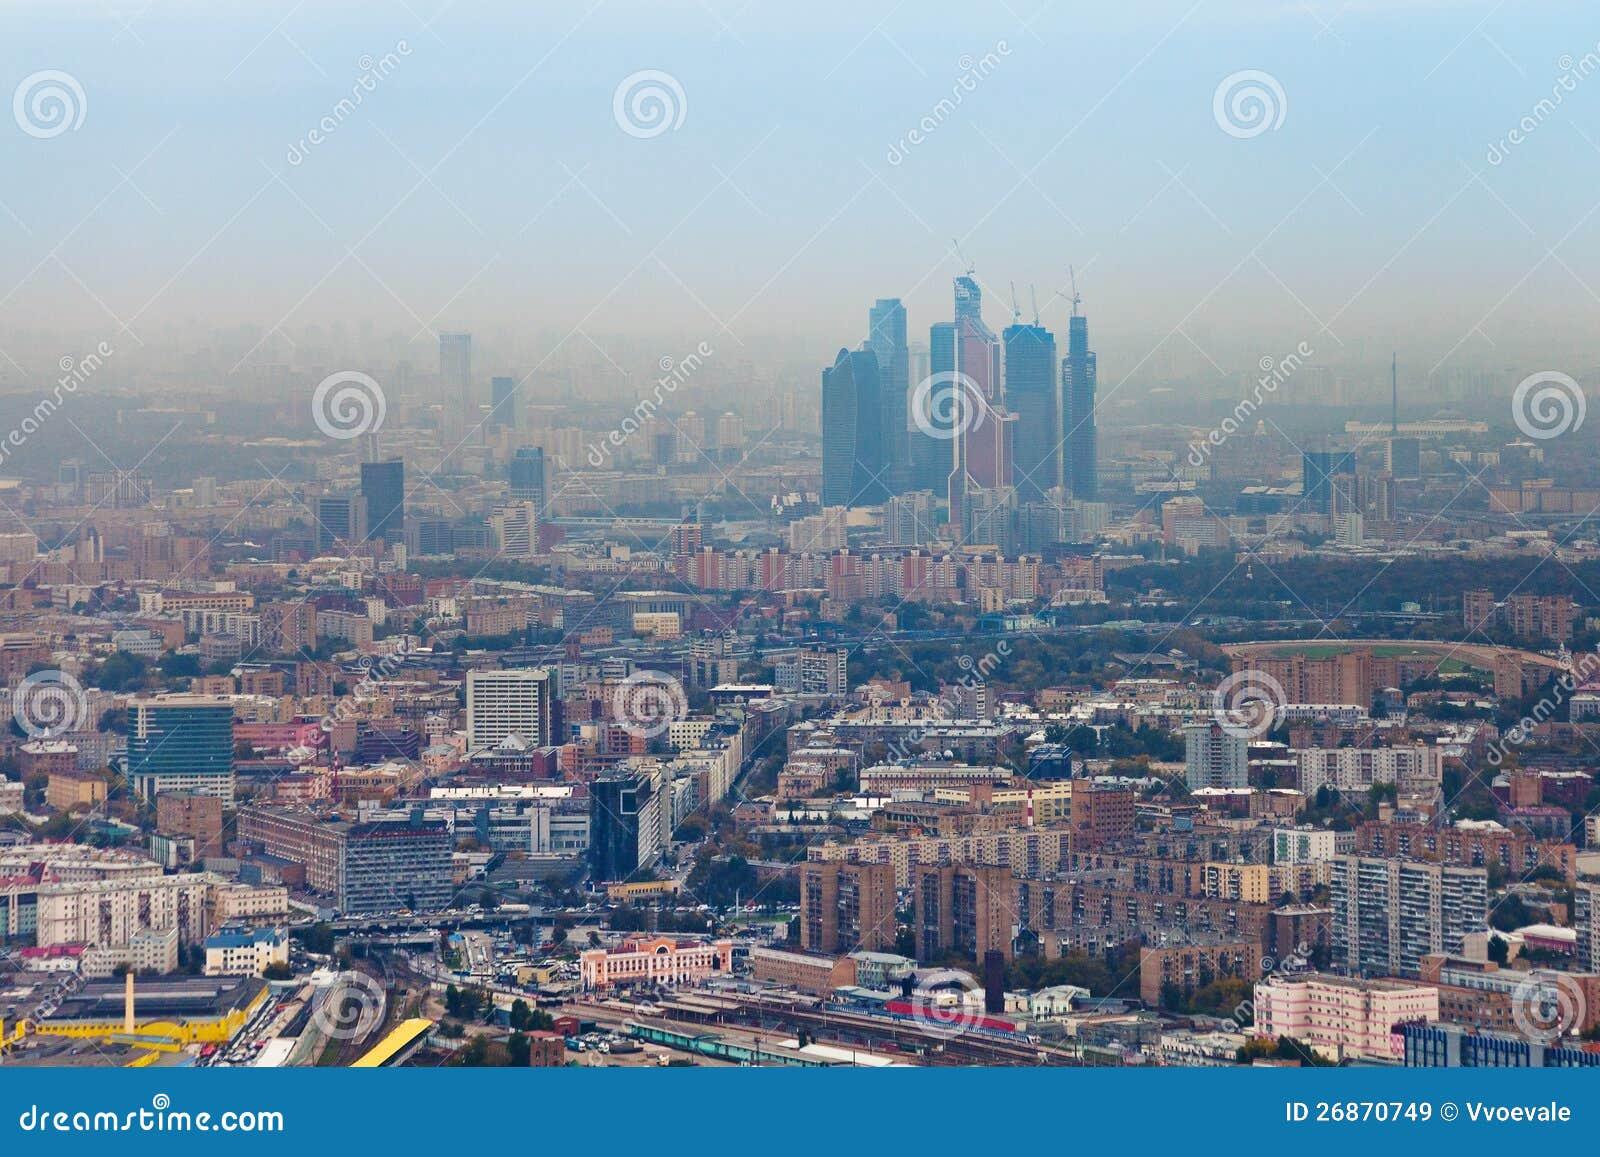 Ciudad y paisaje urbano de Moscú en día del otoño de la niebla con humo